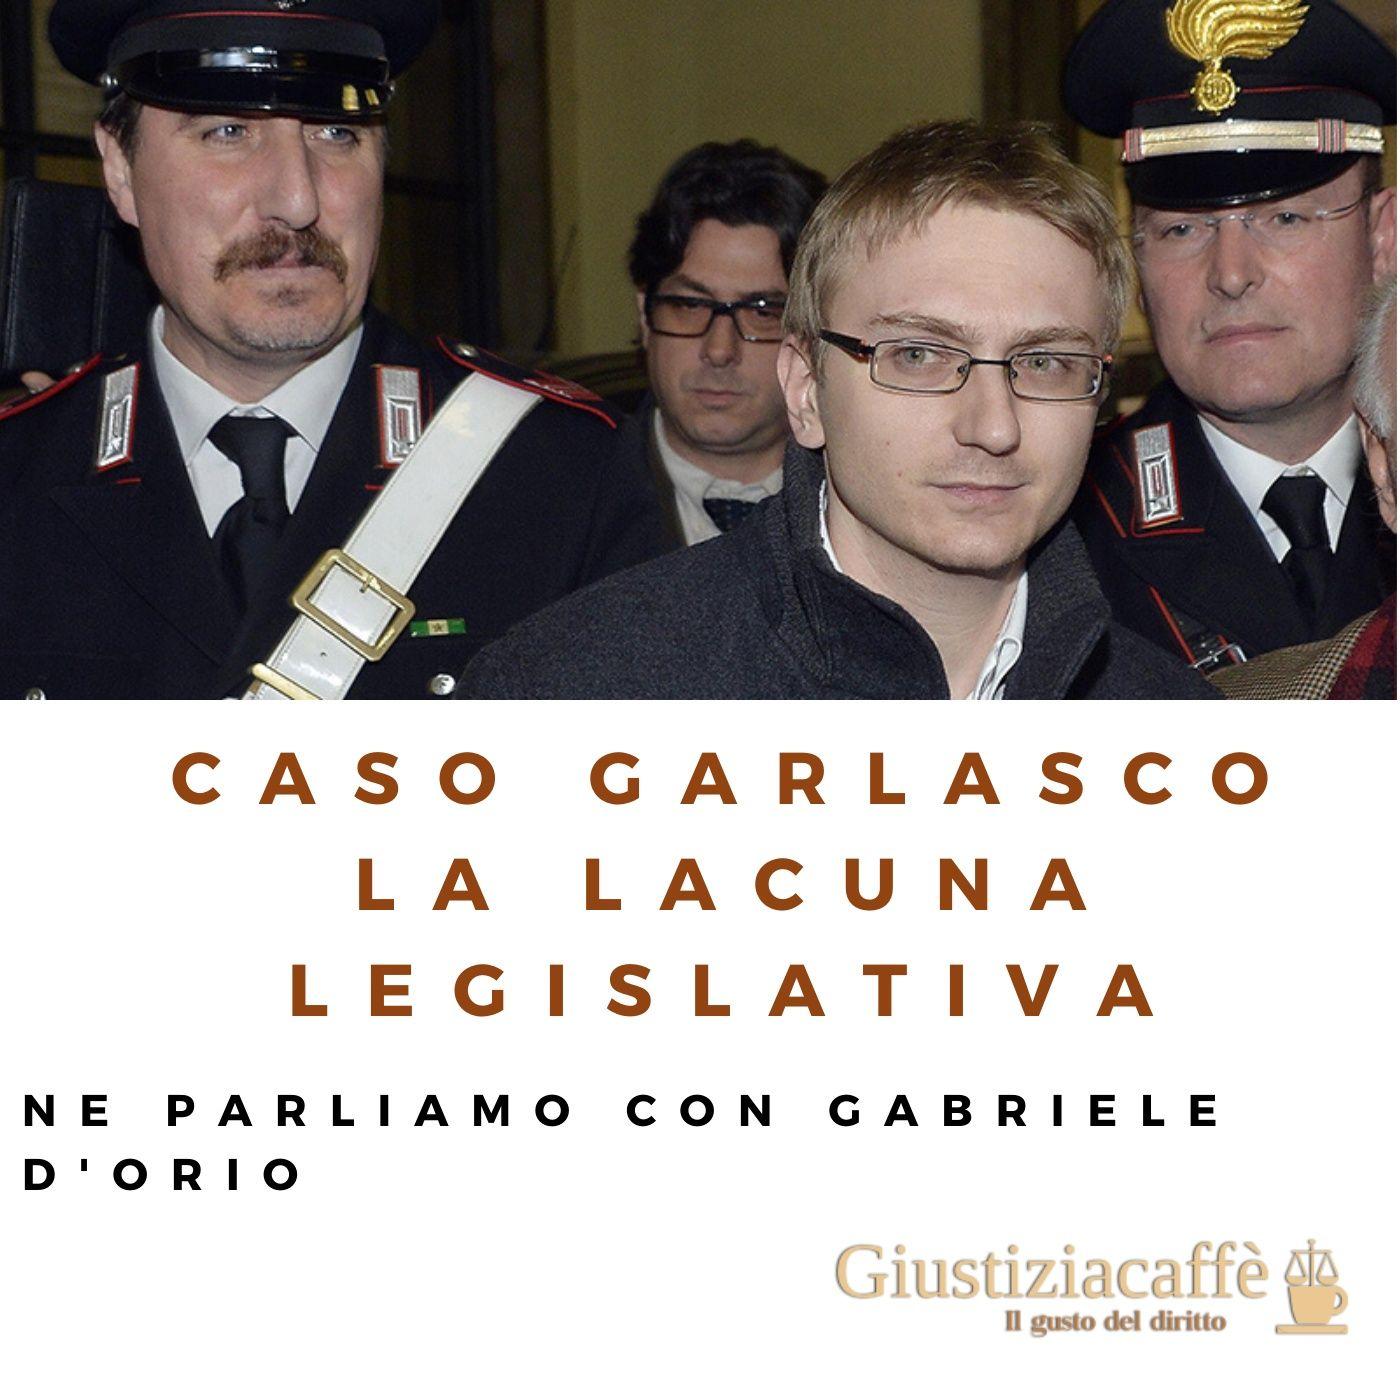 Caso Garlasco la lacuna legislativa